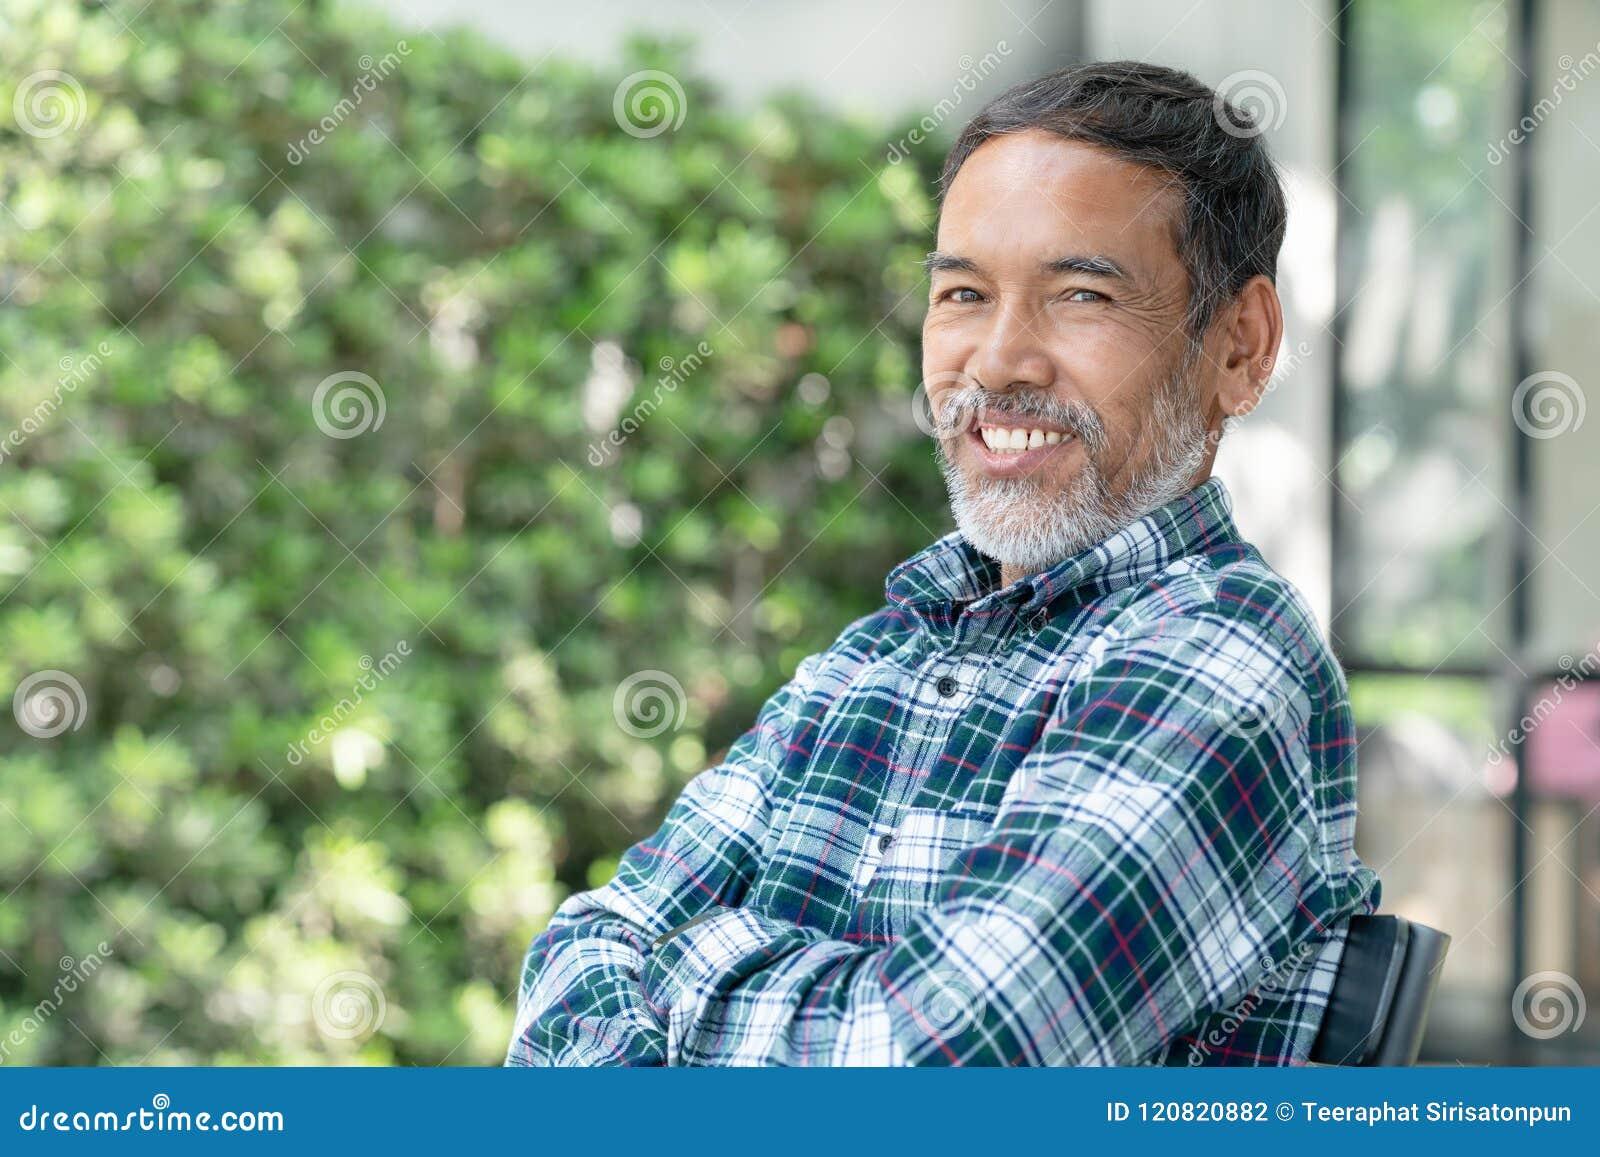 Το πορτρέτο που χαμογελά το ελκυστικό ώριμο ασιατικό άτομο αποσύρθηκε με τη μοντέρνη σύντομη συνεδρίαση γενειάδων υπαίθρια